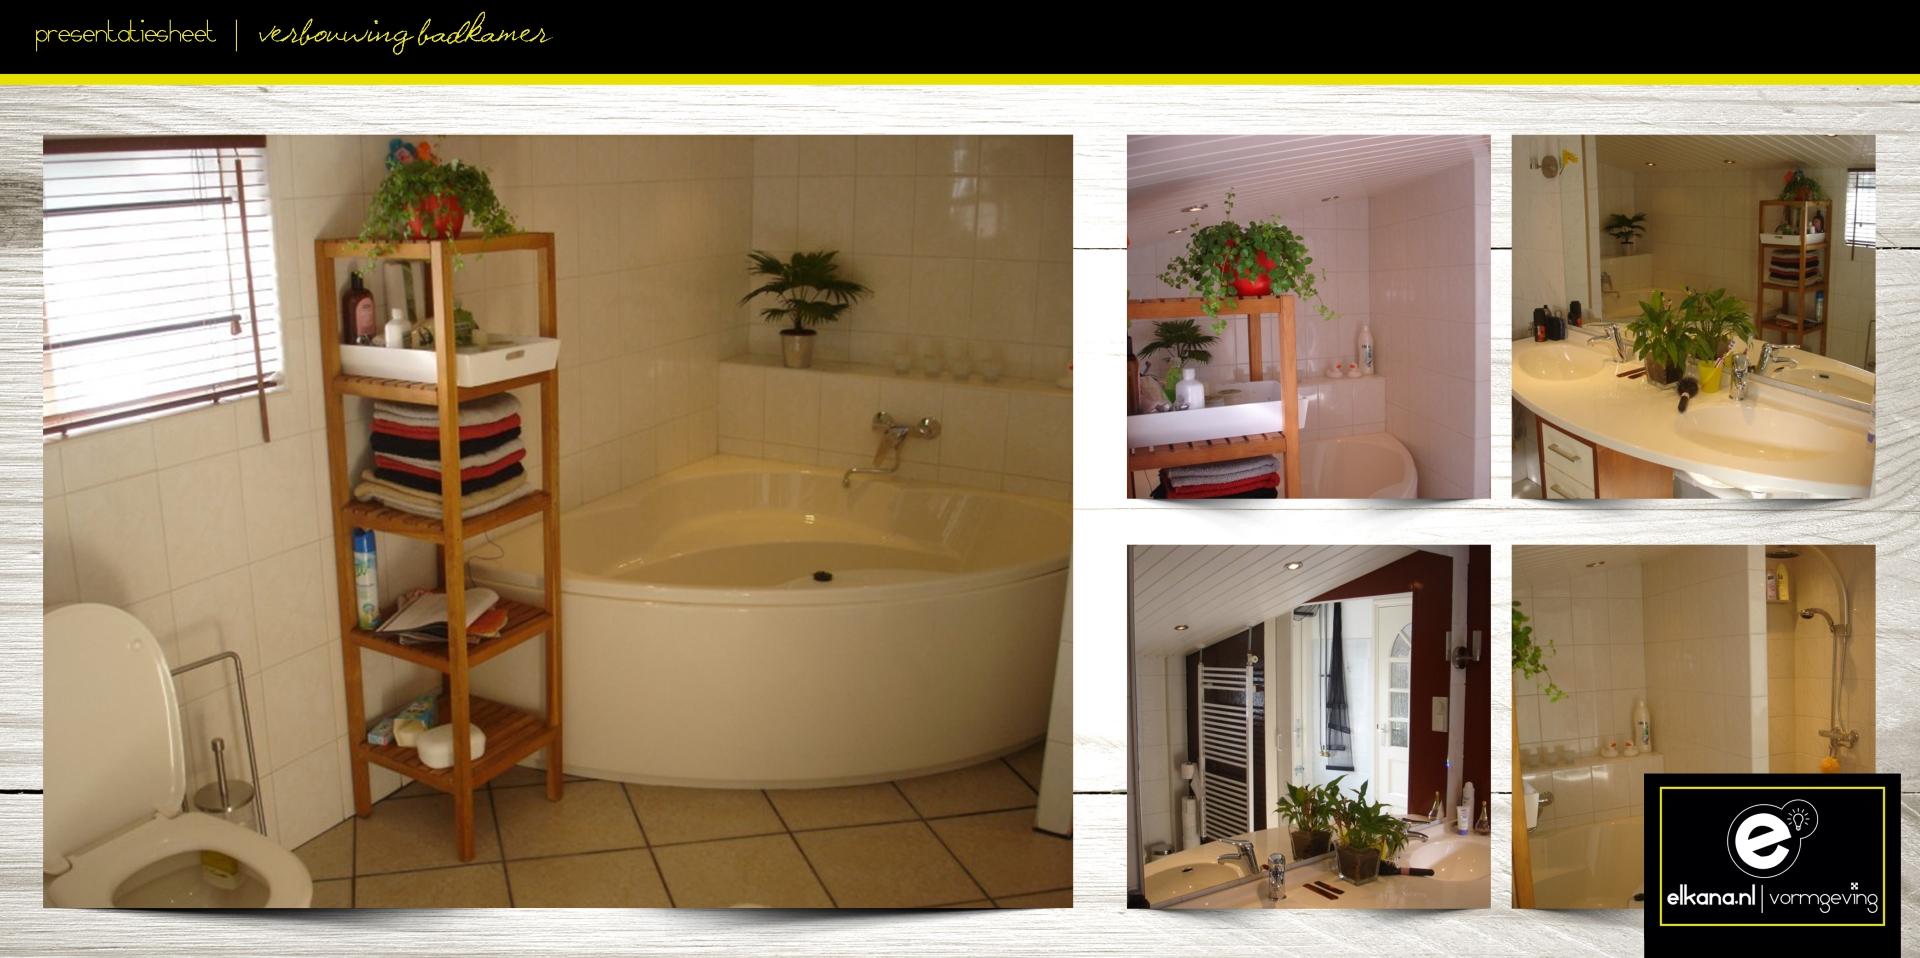 Interieuradvies eigen badkamer